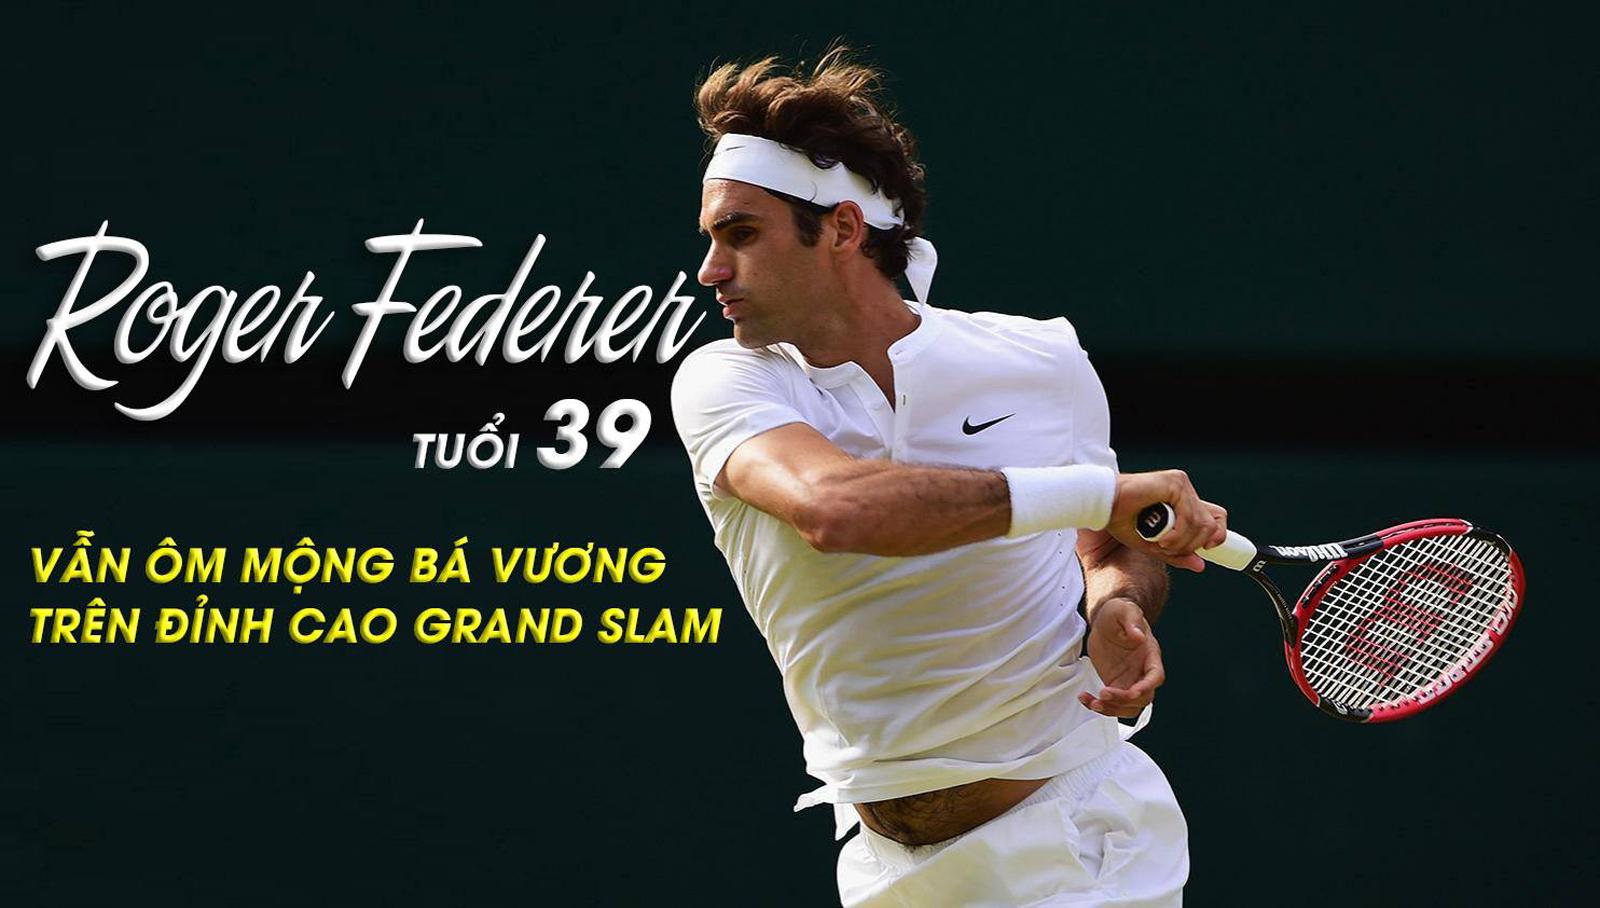 Federer tuổi 39 vẫn ôm mộng bá vương trên đỉnh cao Grand Slam - 1